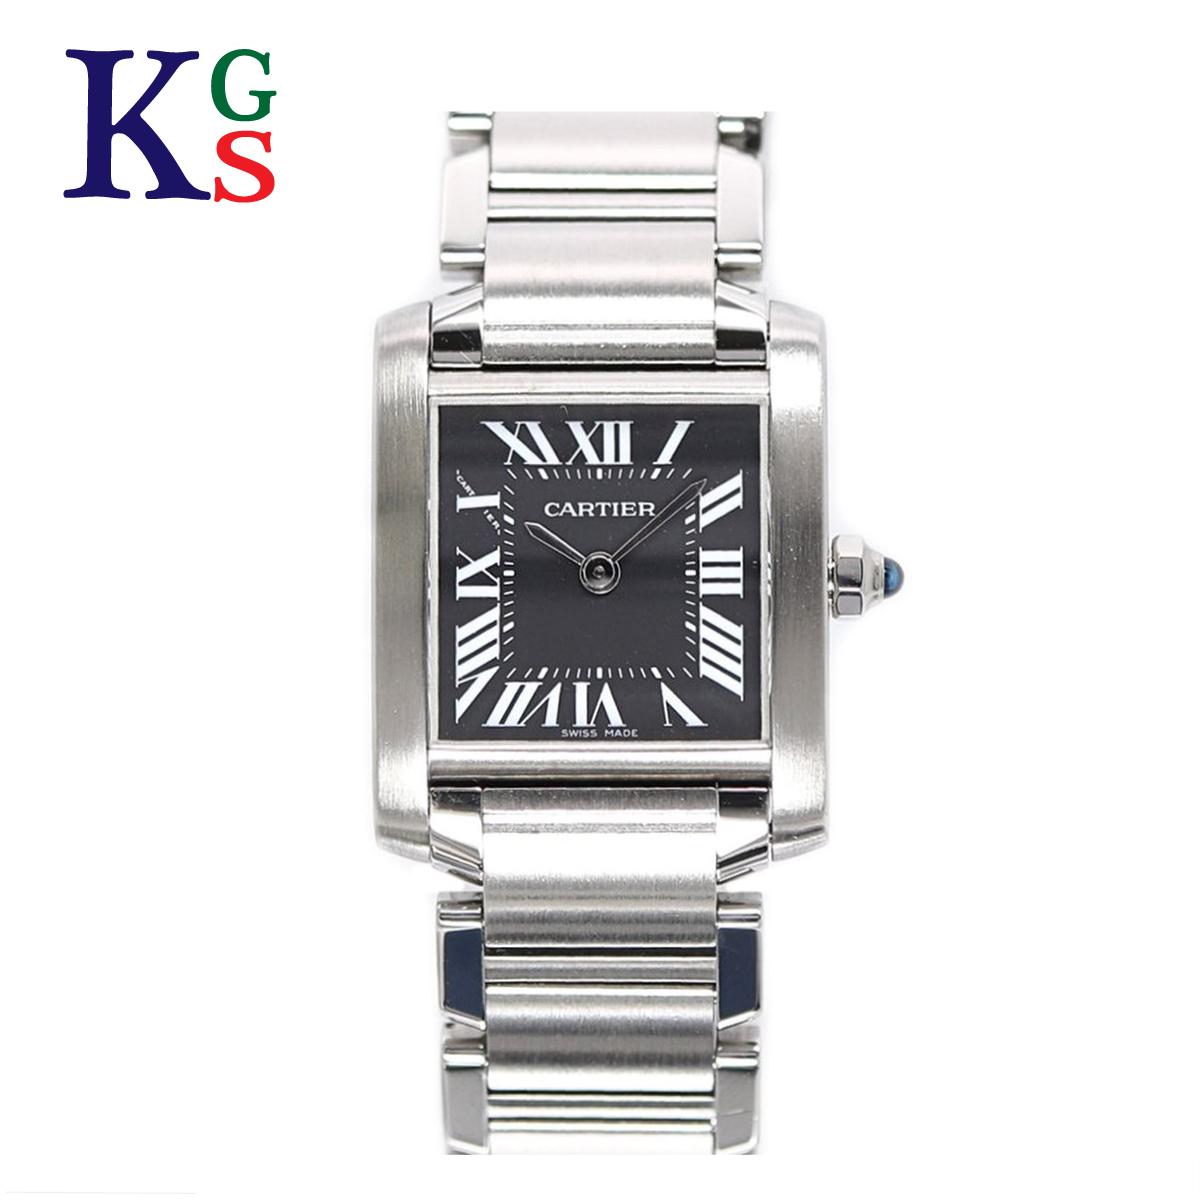 【ギフト品質】カルティエ/Cartier レディース 腕時計 タンクフランセーズSM ブラック文字盤 ステンレススチール W51026Q3